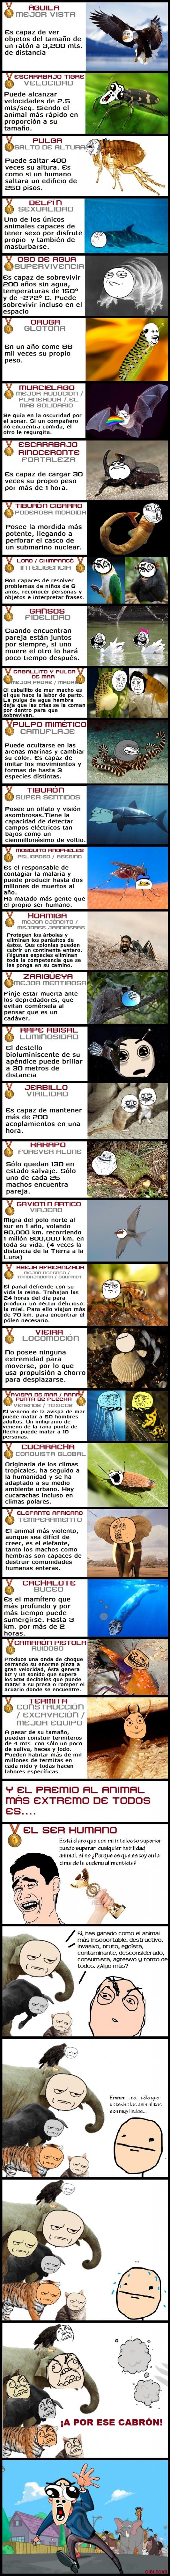 Otros - Los animales más extremos (con memes)